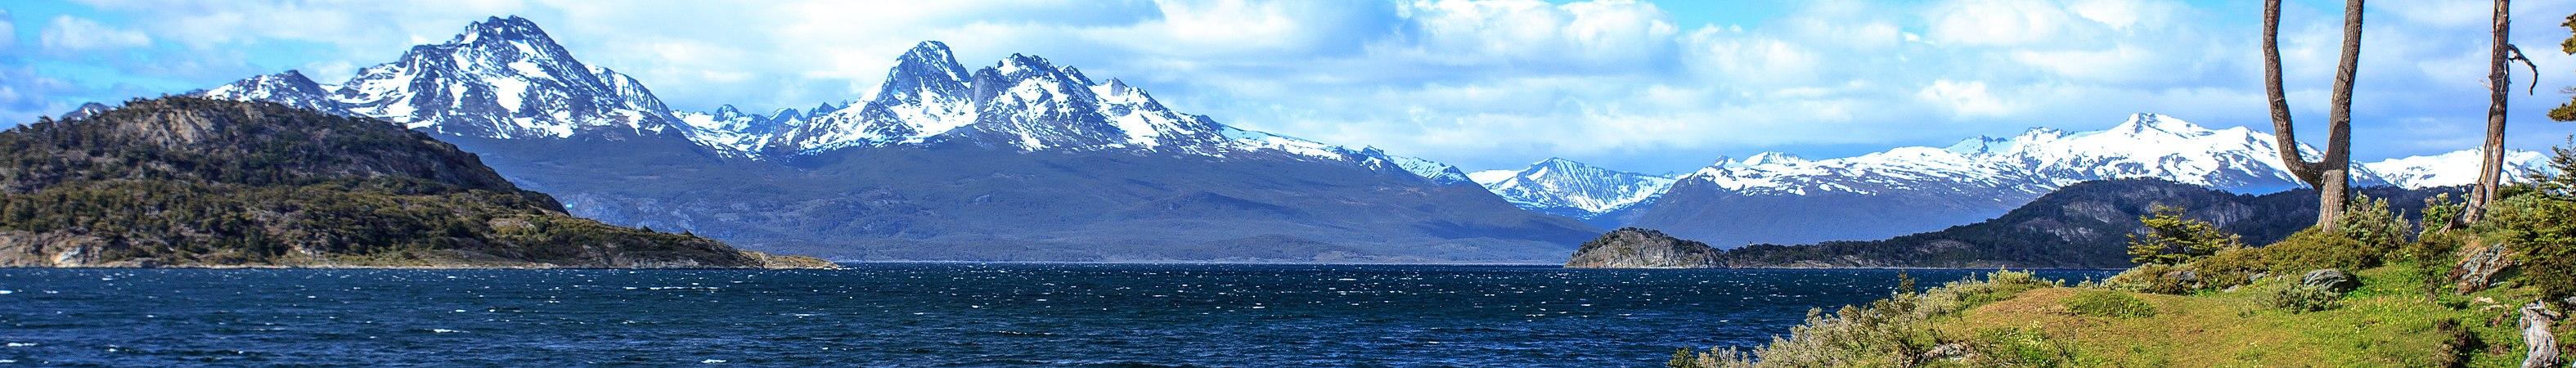 Parque Nacional Tierra del Fuego Banner.jpg